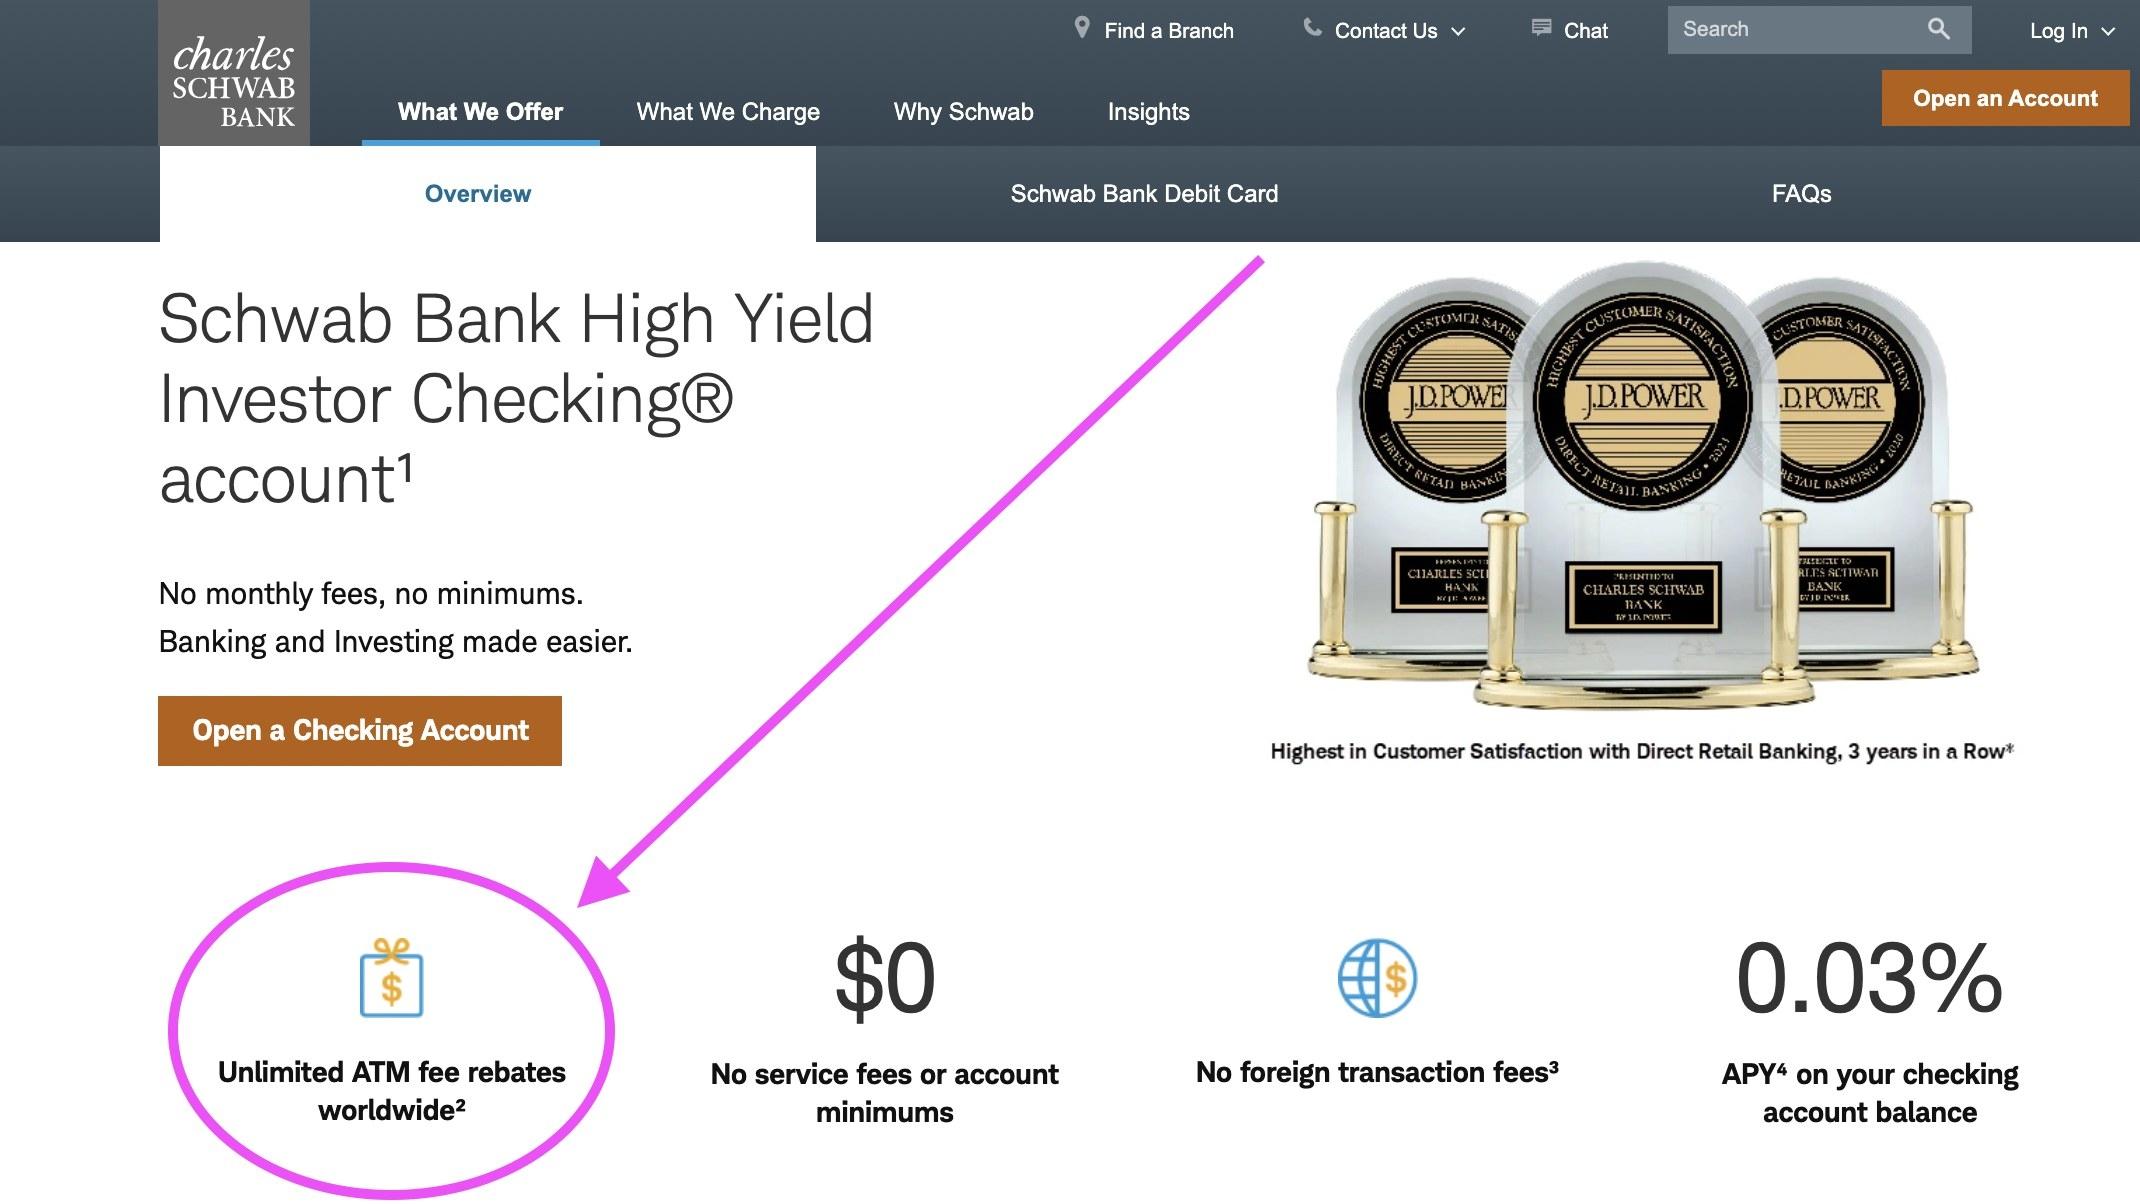 Screenshot of Schwab's ATM fee rebate promise